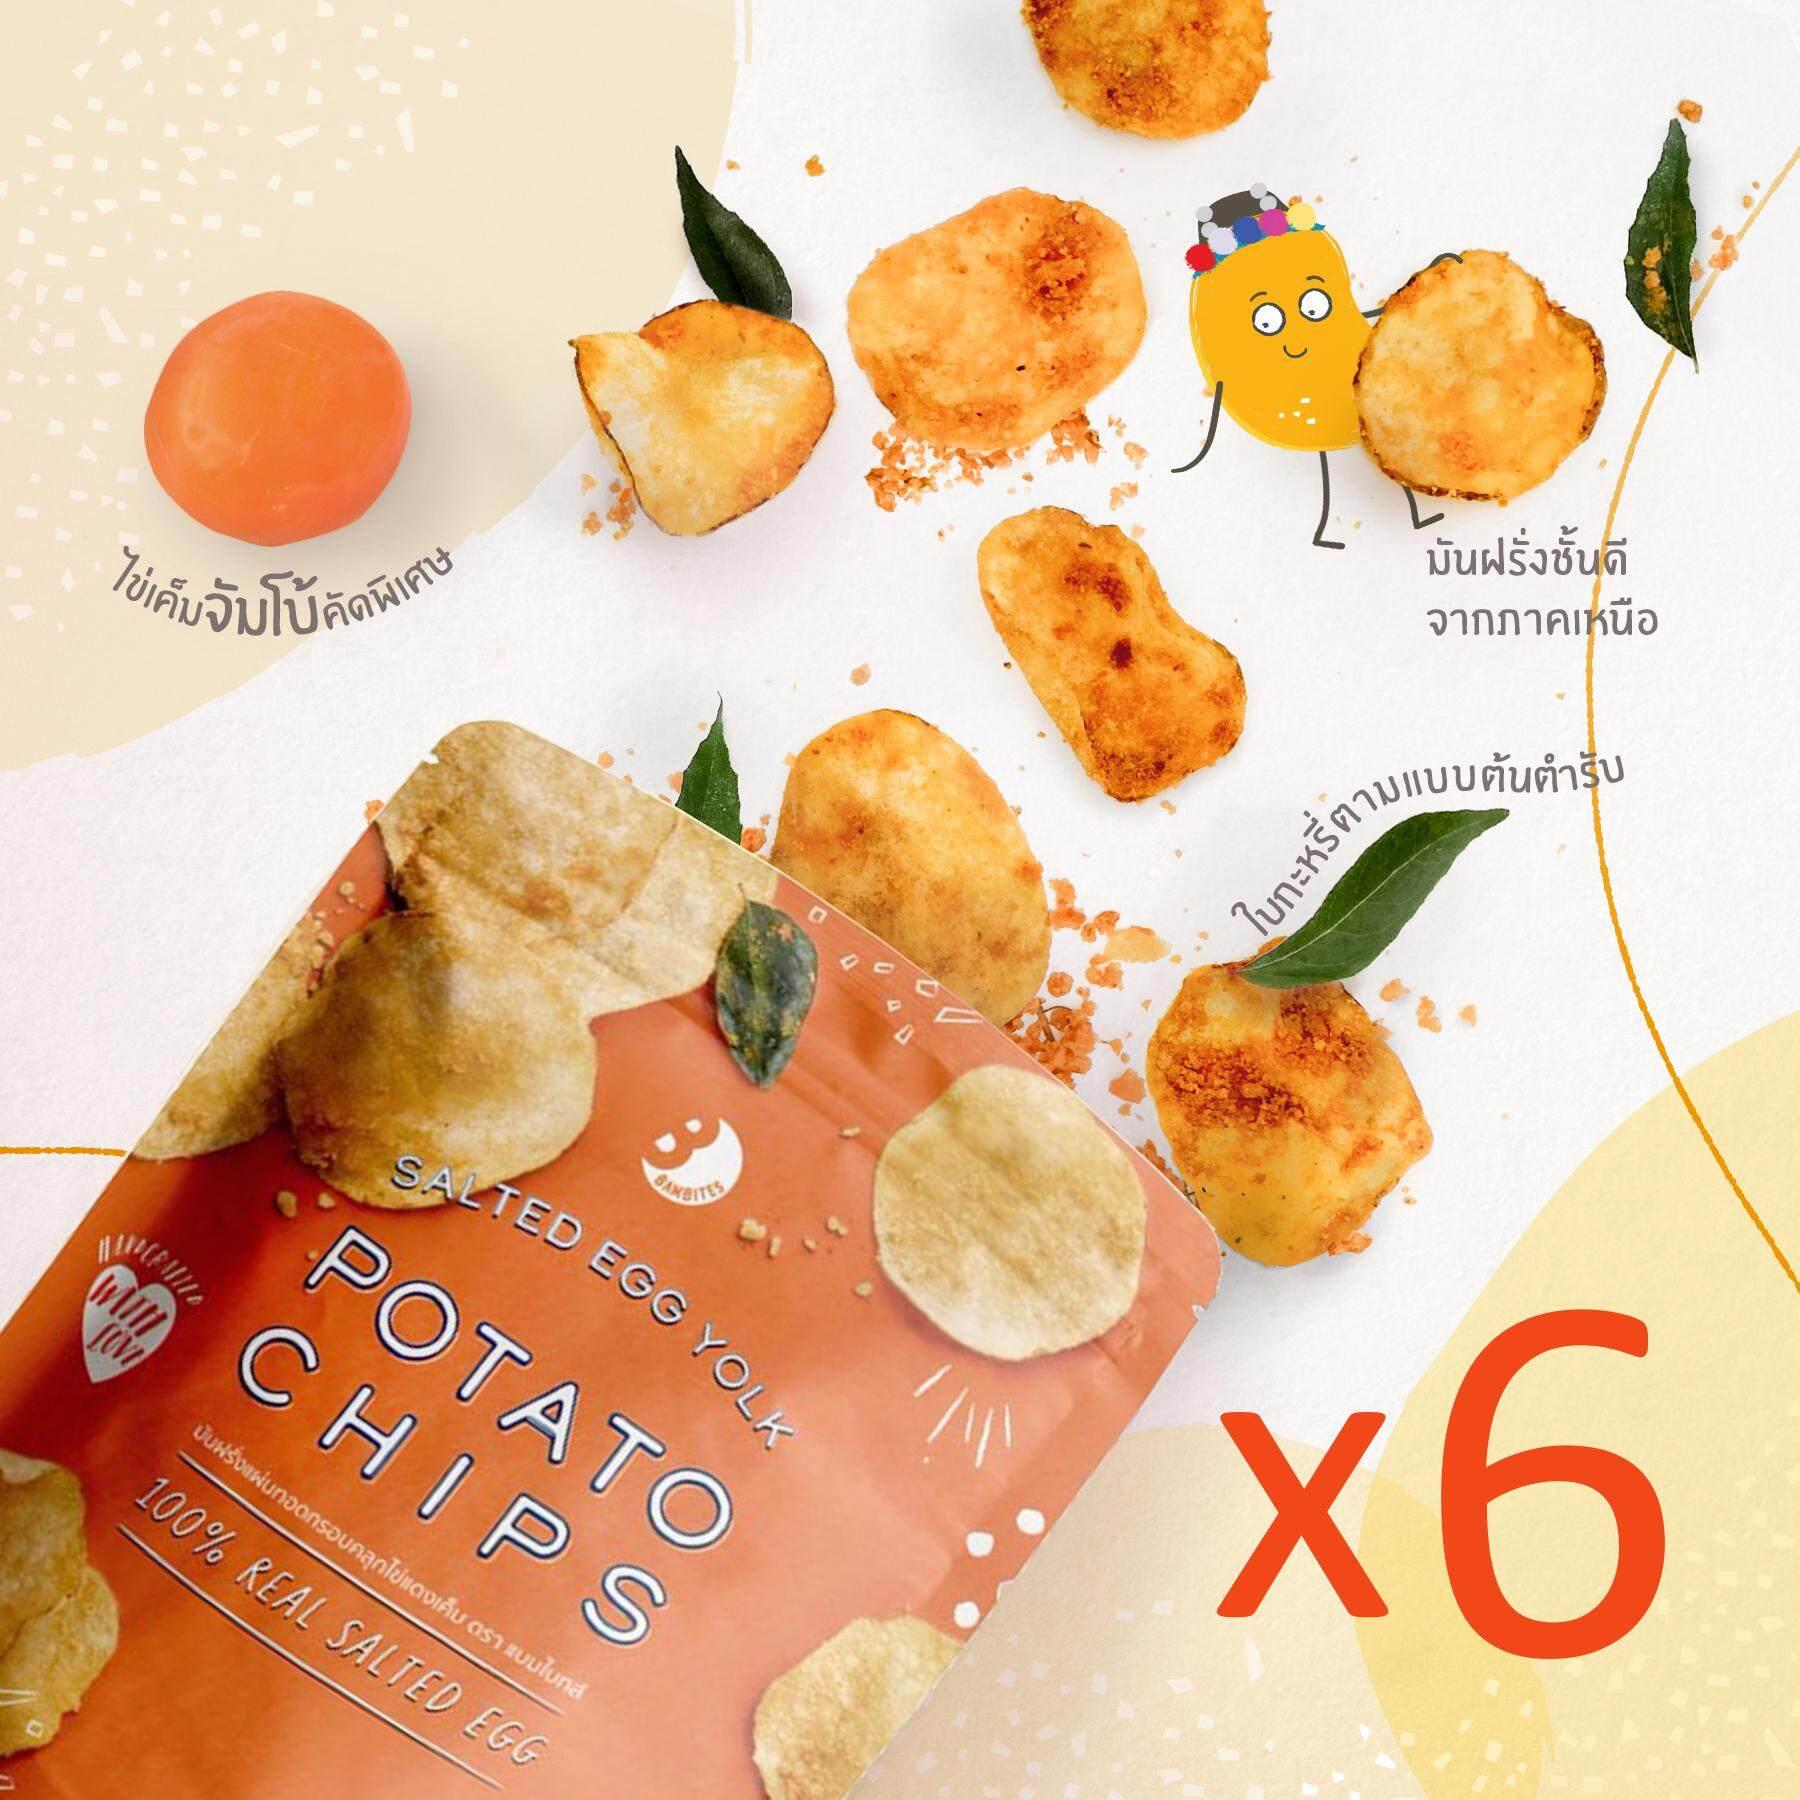 BamBites มันฝรั่ง แผ่นทอดกรอบคลุก ไข่เค็ม แท้ 100% หอม มัน กรอบ อร่อย เด็ดกว่า Irvins !!!! มันฝรั่งคลุกไข่เค็ม จำนวน 6 ถุง